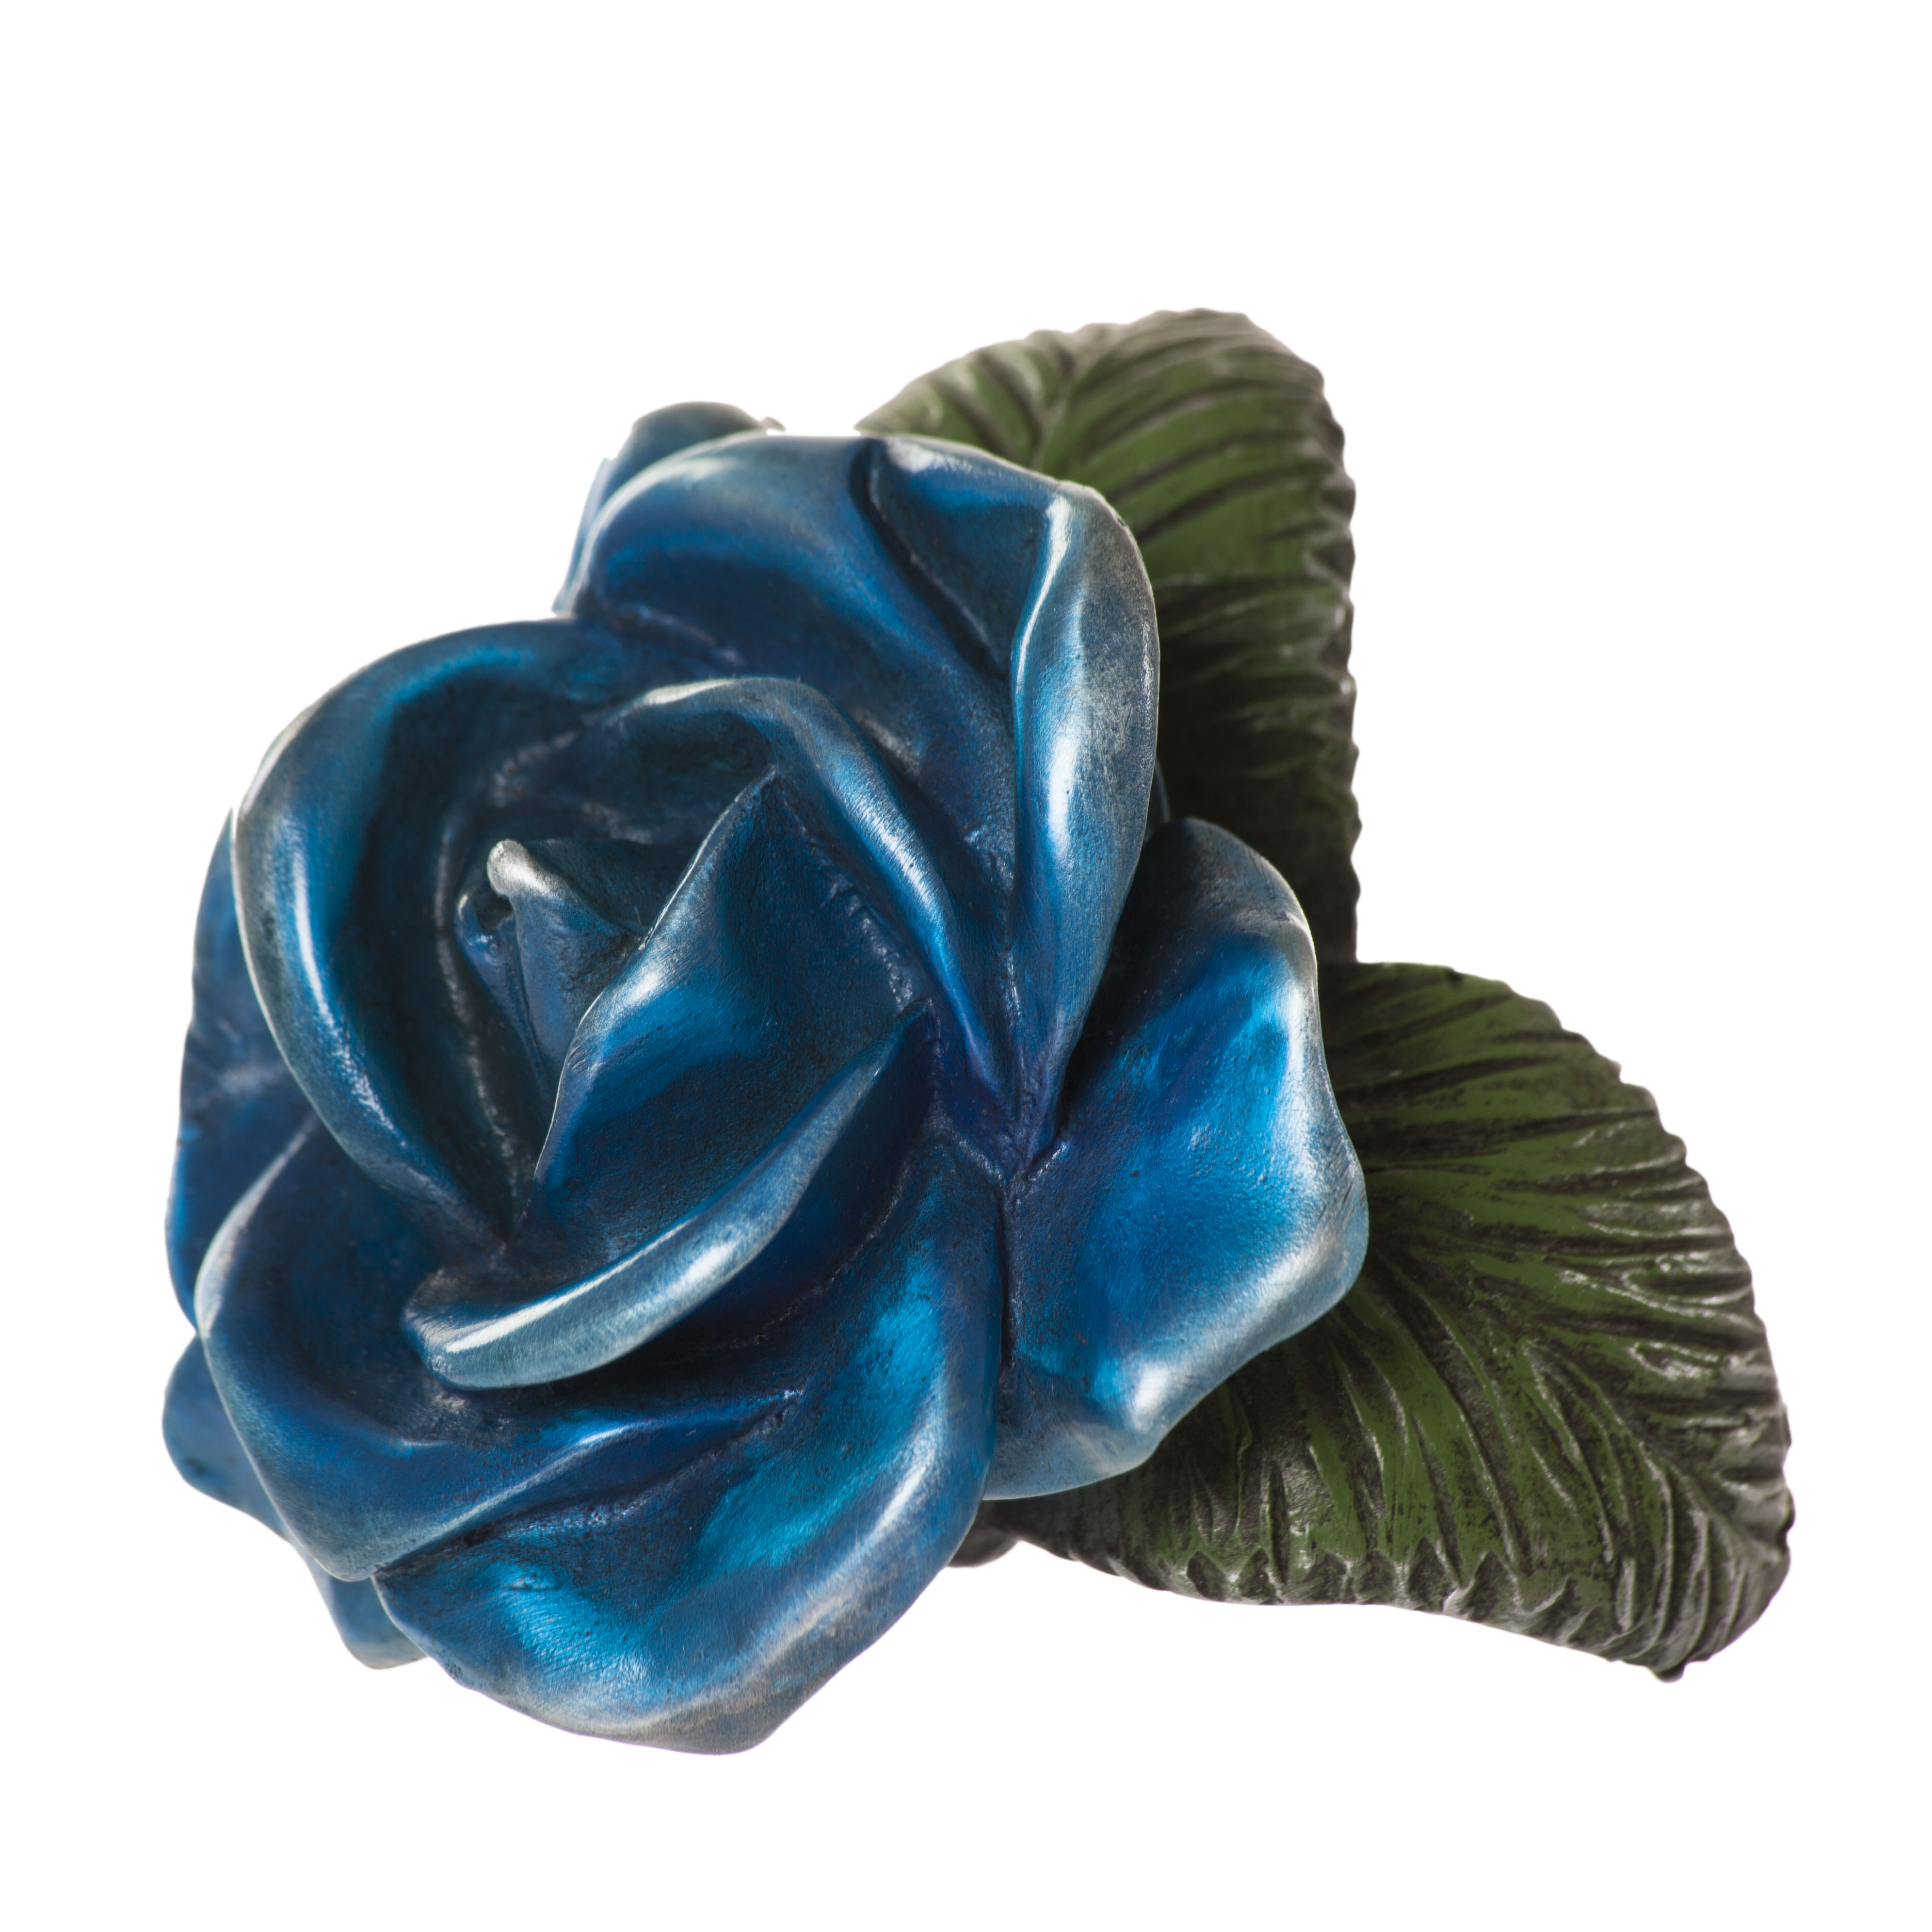 Navy Blue Rose Floral Sculpture Distilled Art Design